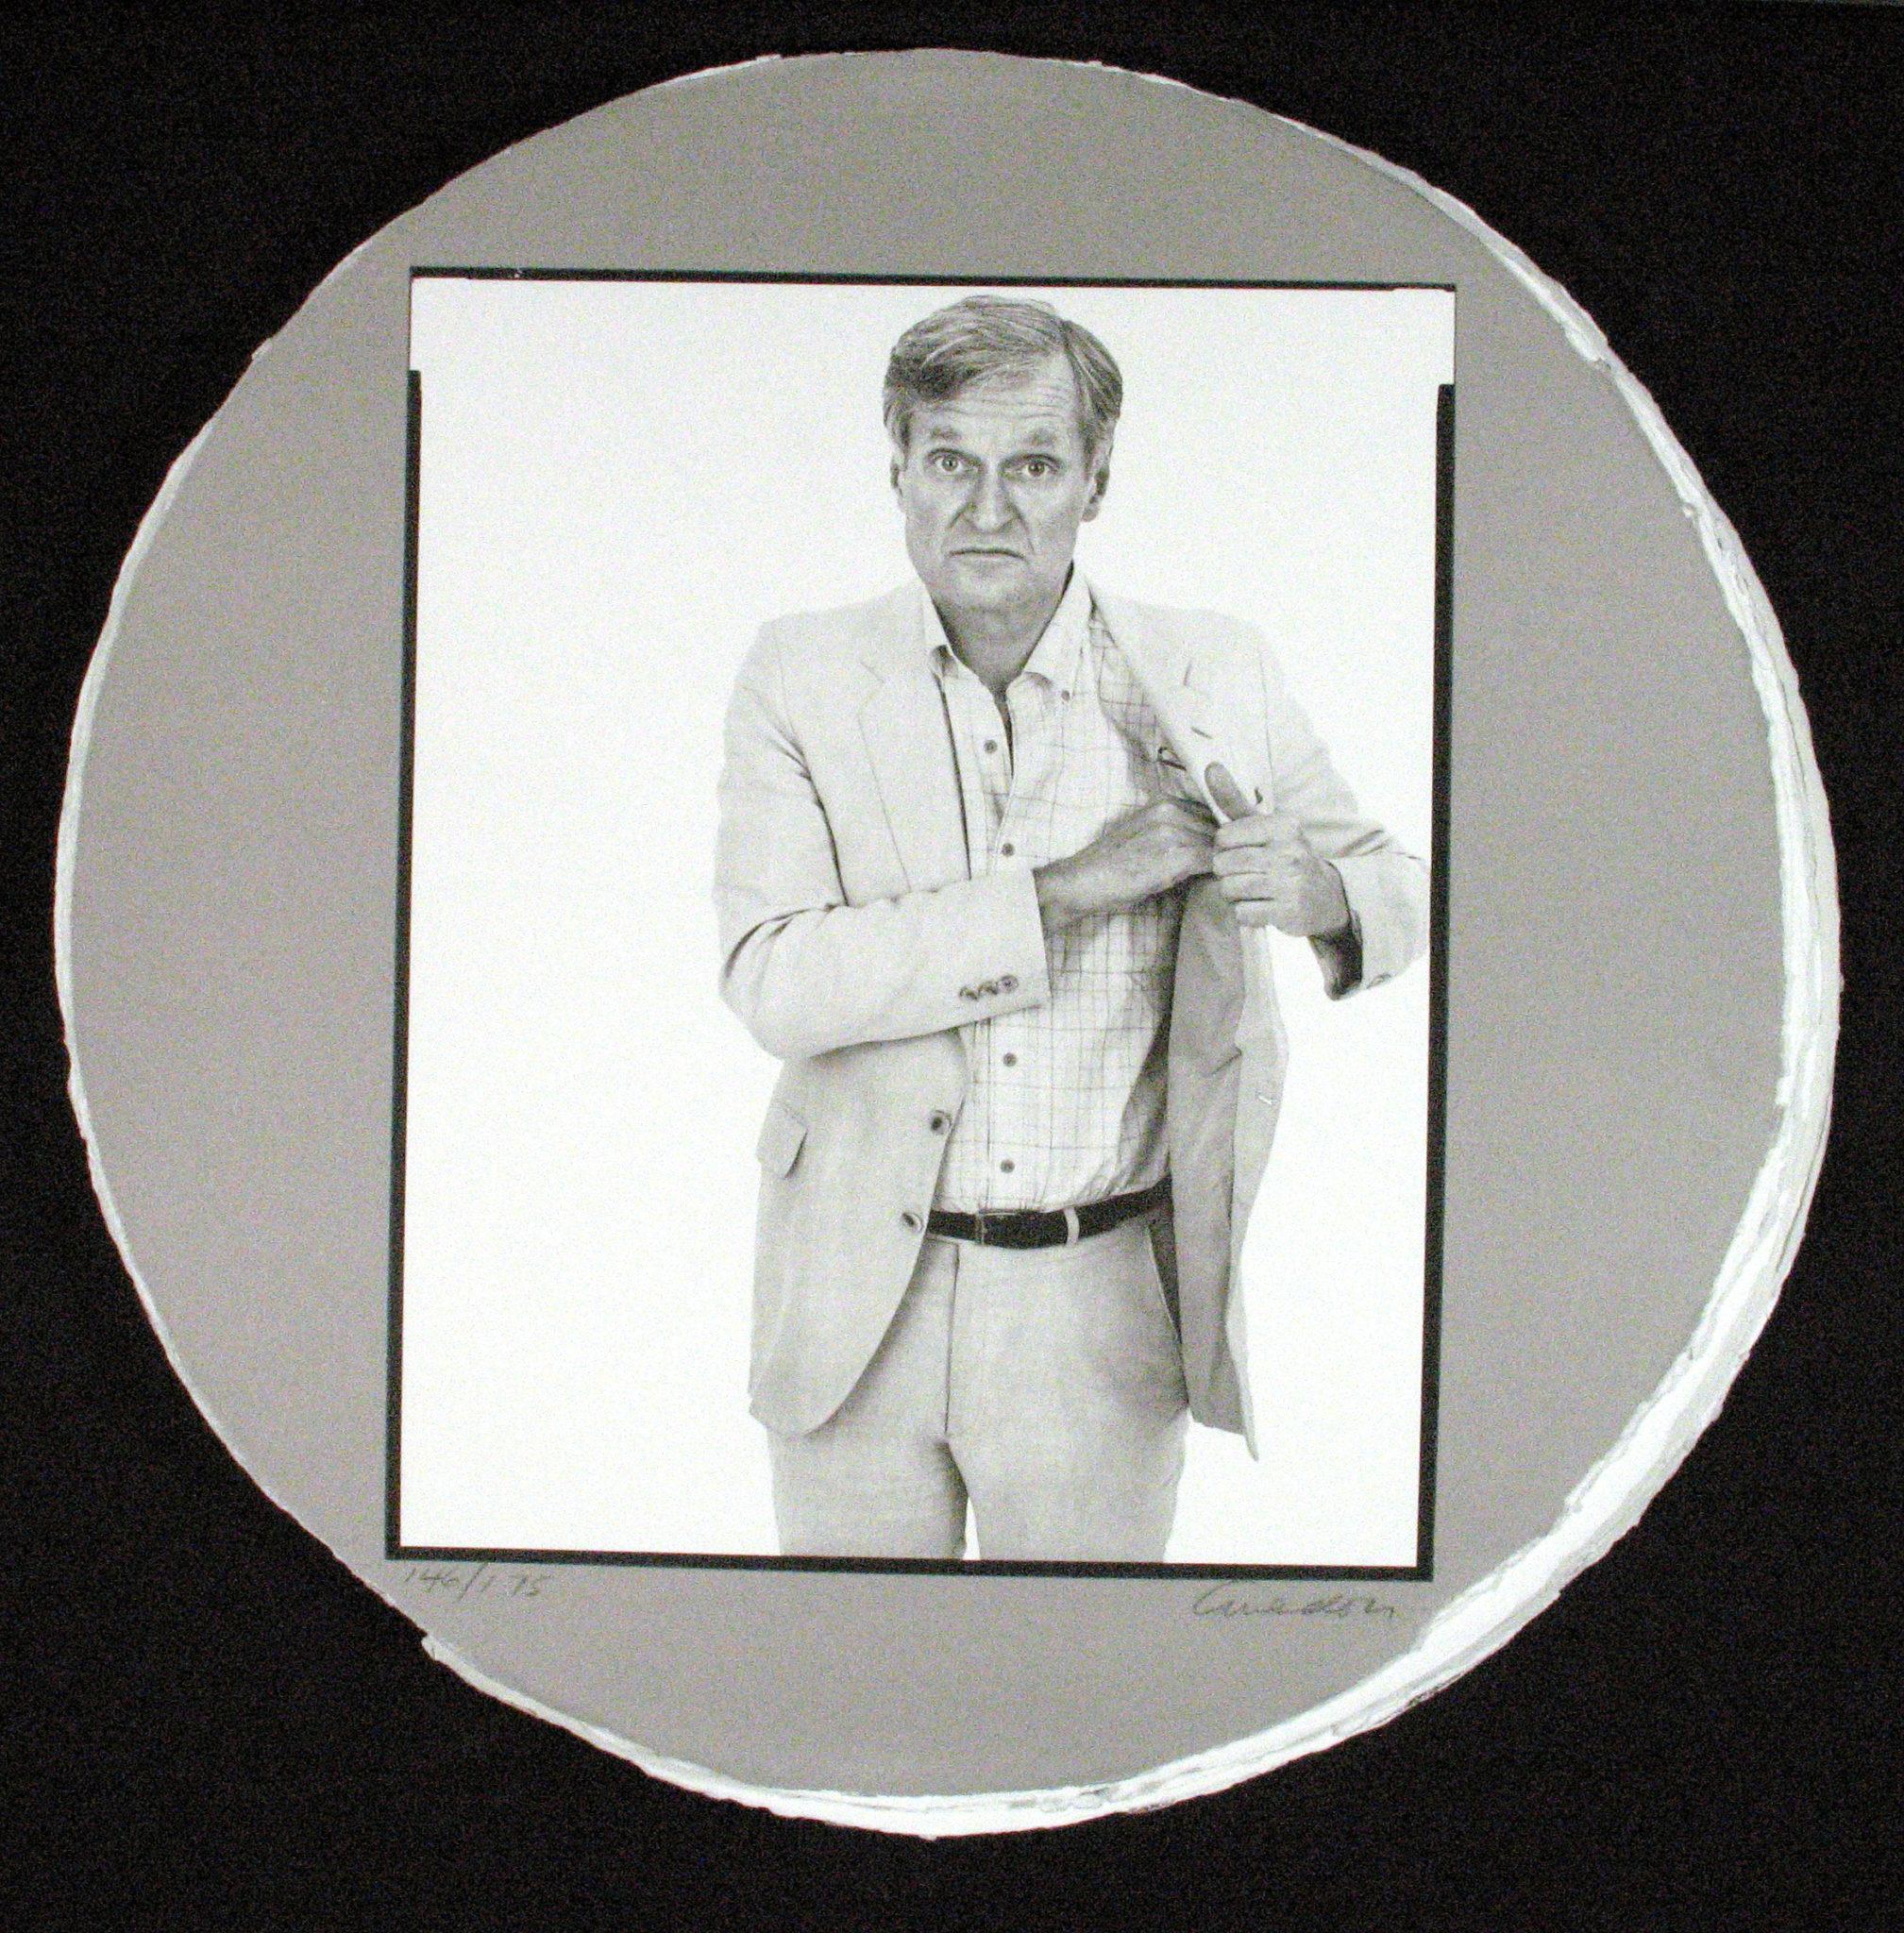 Richard Avedon portrait of John Ashbery